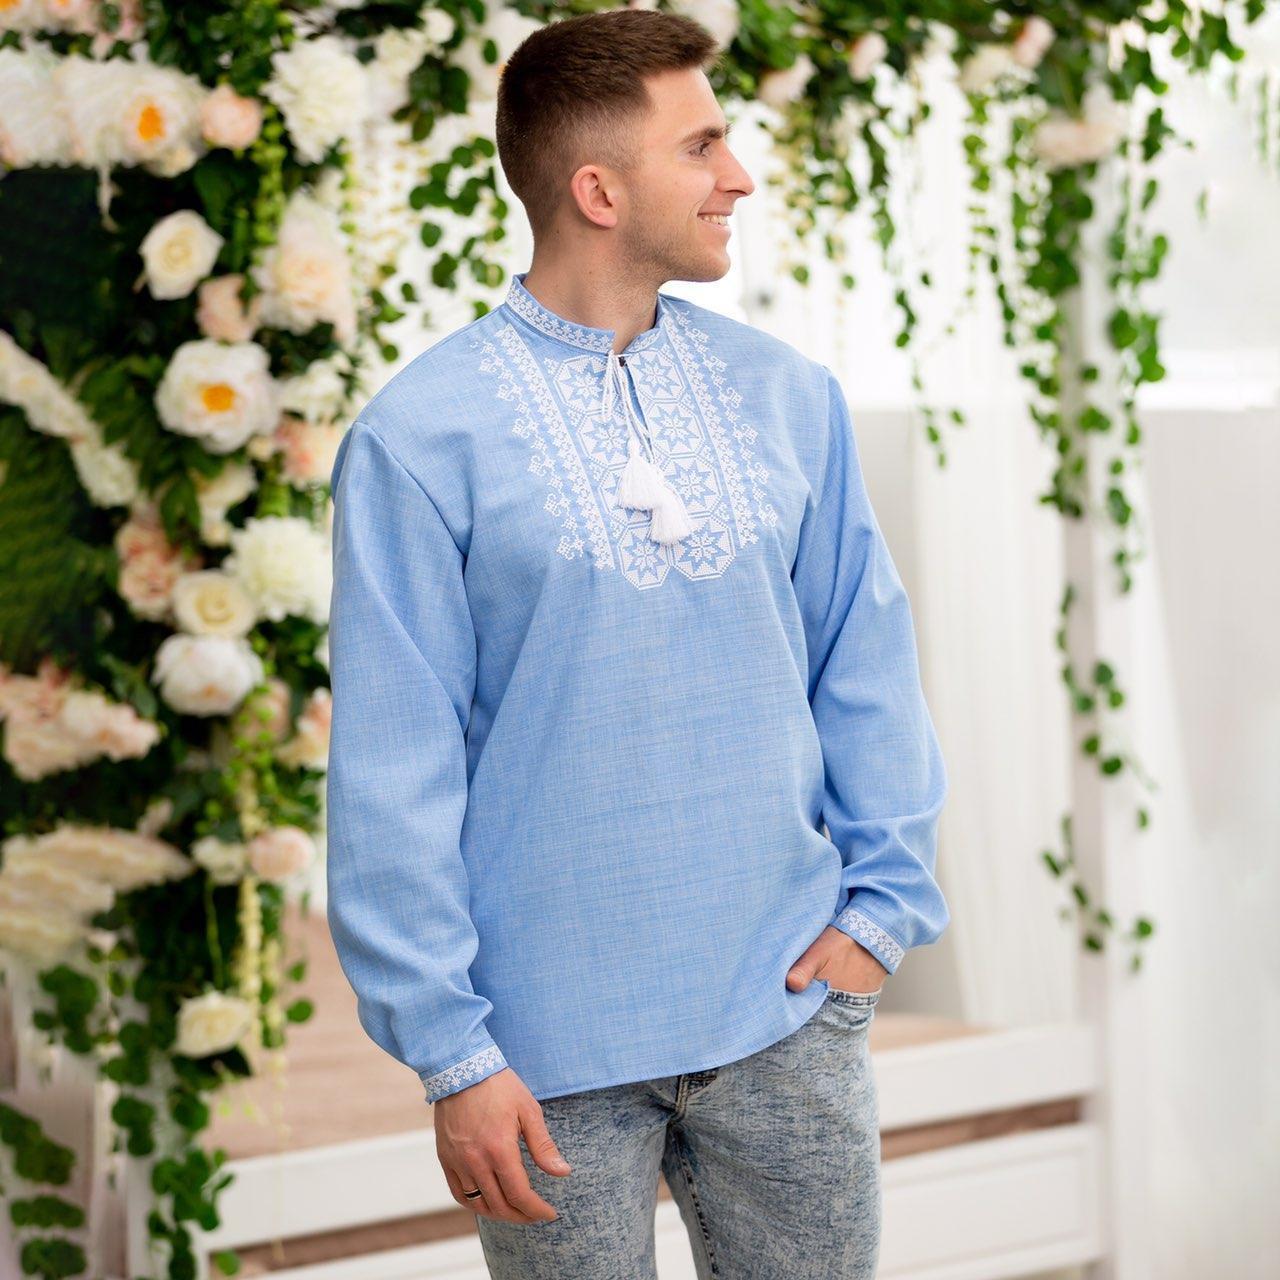 Вышитая сорочка для мужчин (джинс) с белой вышивкой